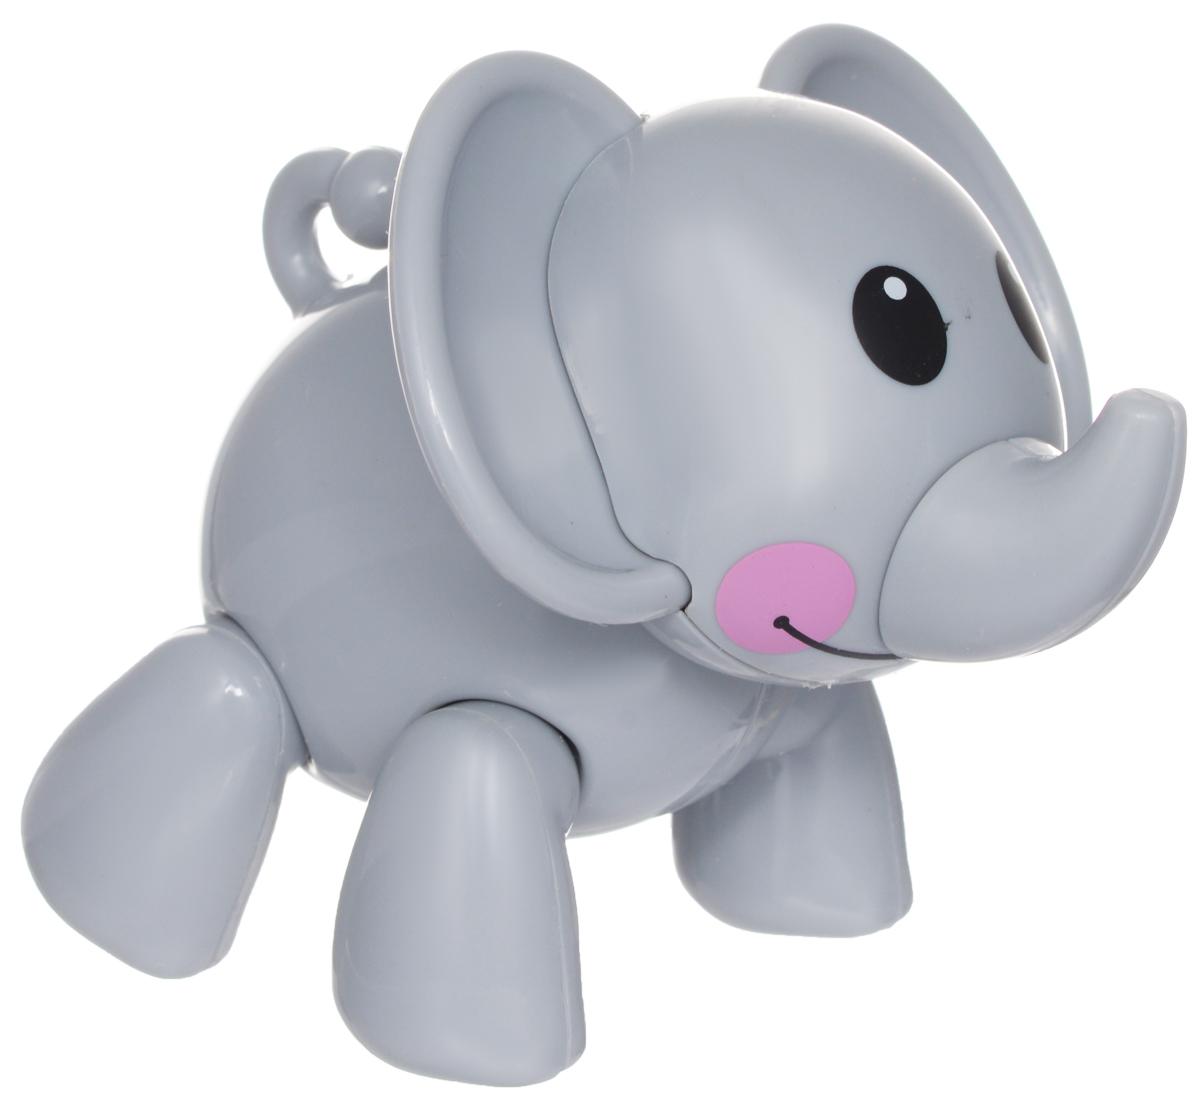 1TOY Фигурка В мире животных СлонТ57441Фигурка В мире животных. Слон, выполненная из пластмассы в виде симпатичного серого слоника, непременно придется по душе вашему малышу. Забавная фигурка имеет подвижные лапы, хвост и шею. Если двигать частями тела животного, то будут слышны негромкие щелкающие звуки. Фигурка В мире животных способствует развитию у ребенка цветового и звукового восприятия, мелкой моторики рук, хватательного рефлекса, осязания, координации движений и изучению живого мира нашей планеты. Отлично подходит для сюжетно-ролевых игр, которые способствуют развитию памяти и воображения у малыша.